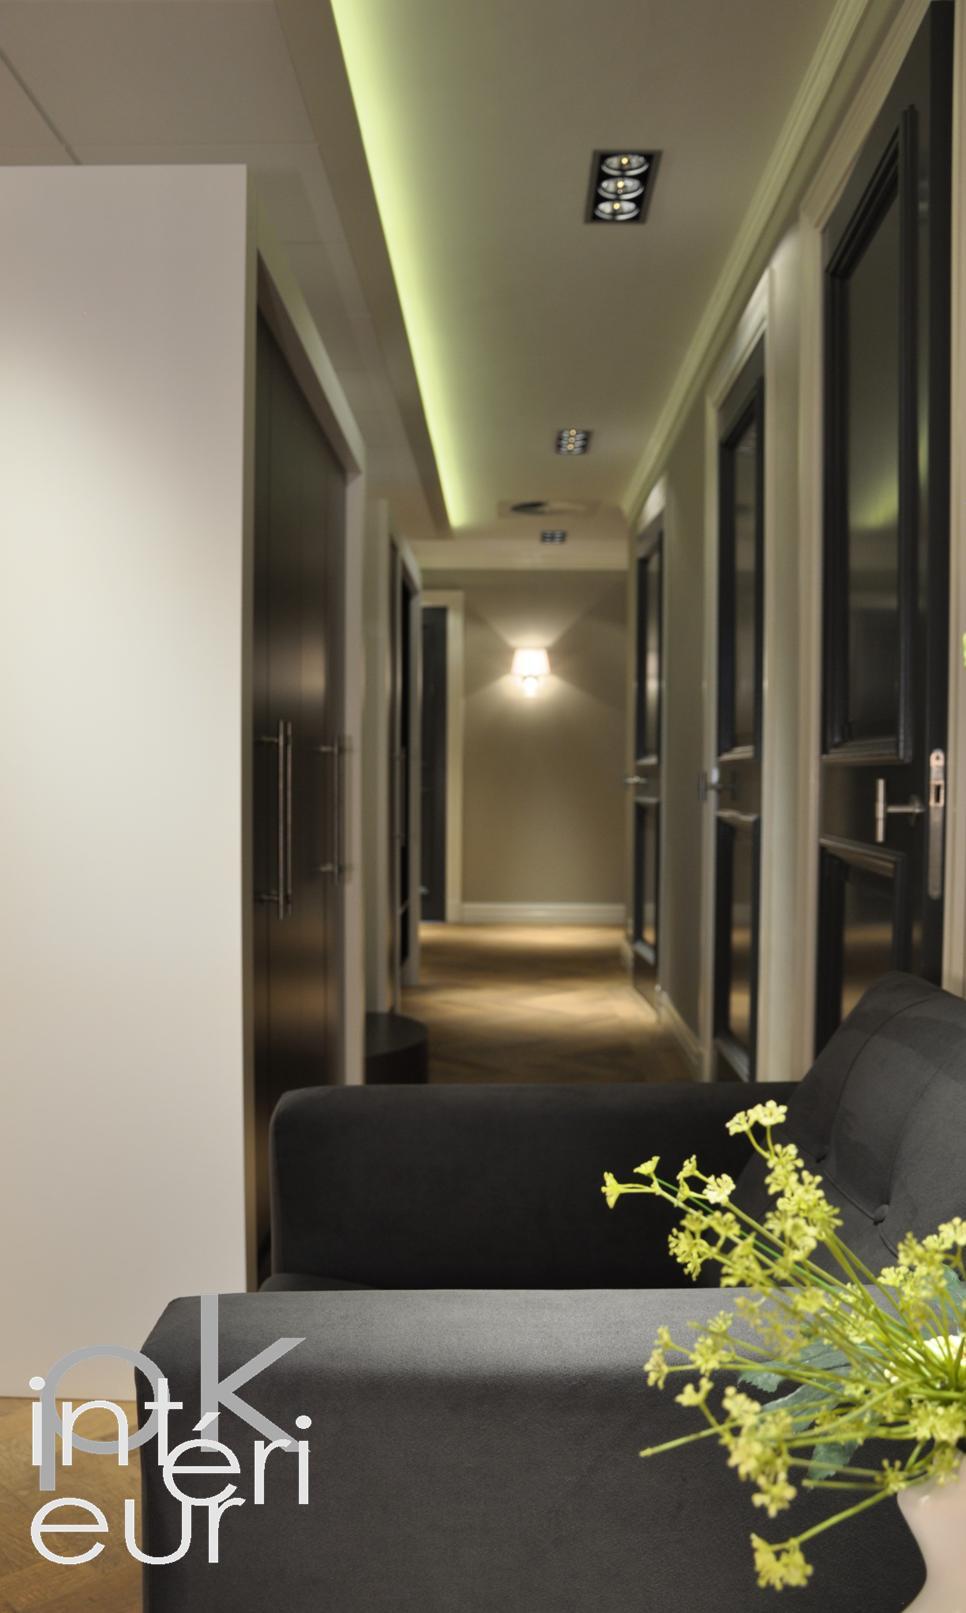 Badkamer winkel eindhoven badkamer ontwerp for Interieur winkel utrecht